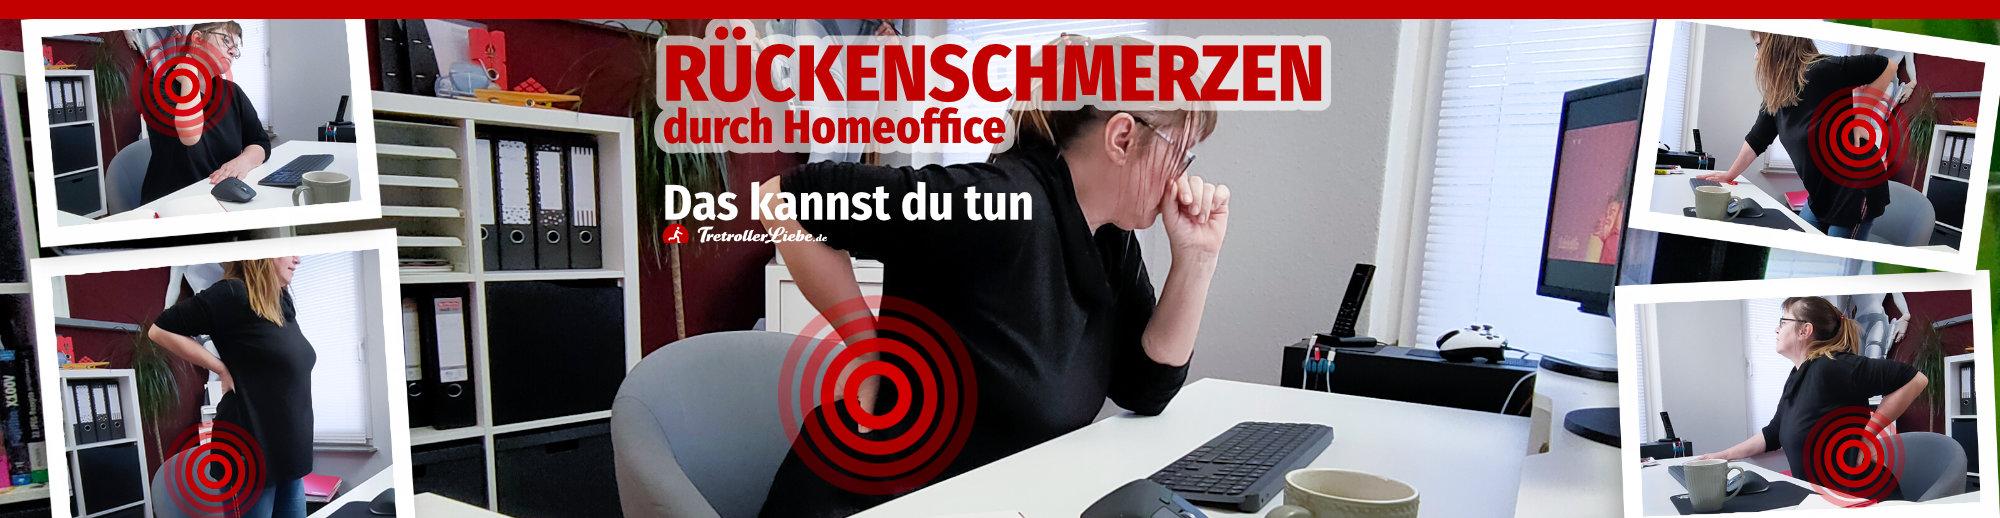 Rückenschmerzen durch Homeoffice TretrollerLiebe